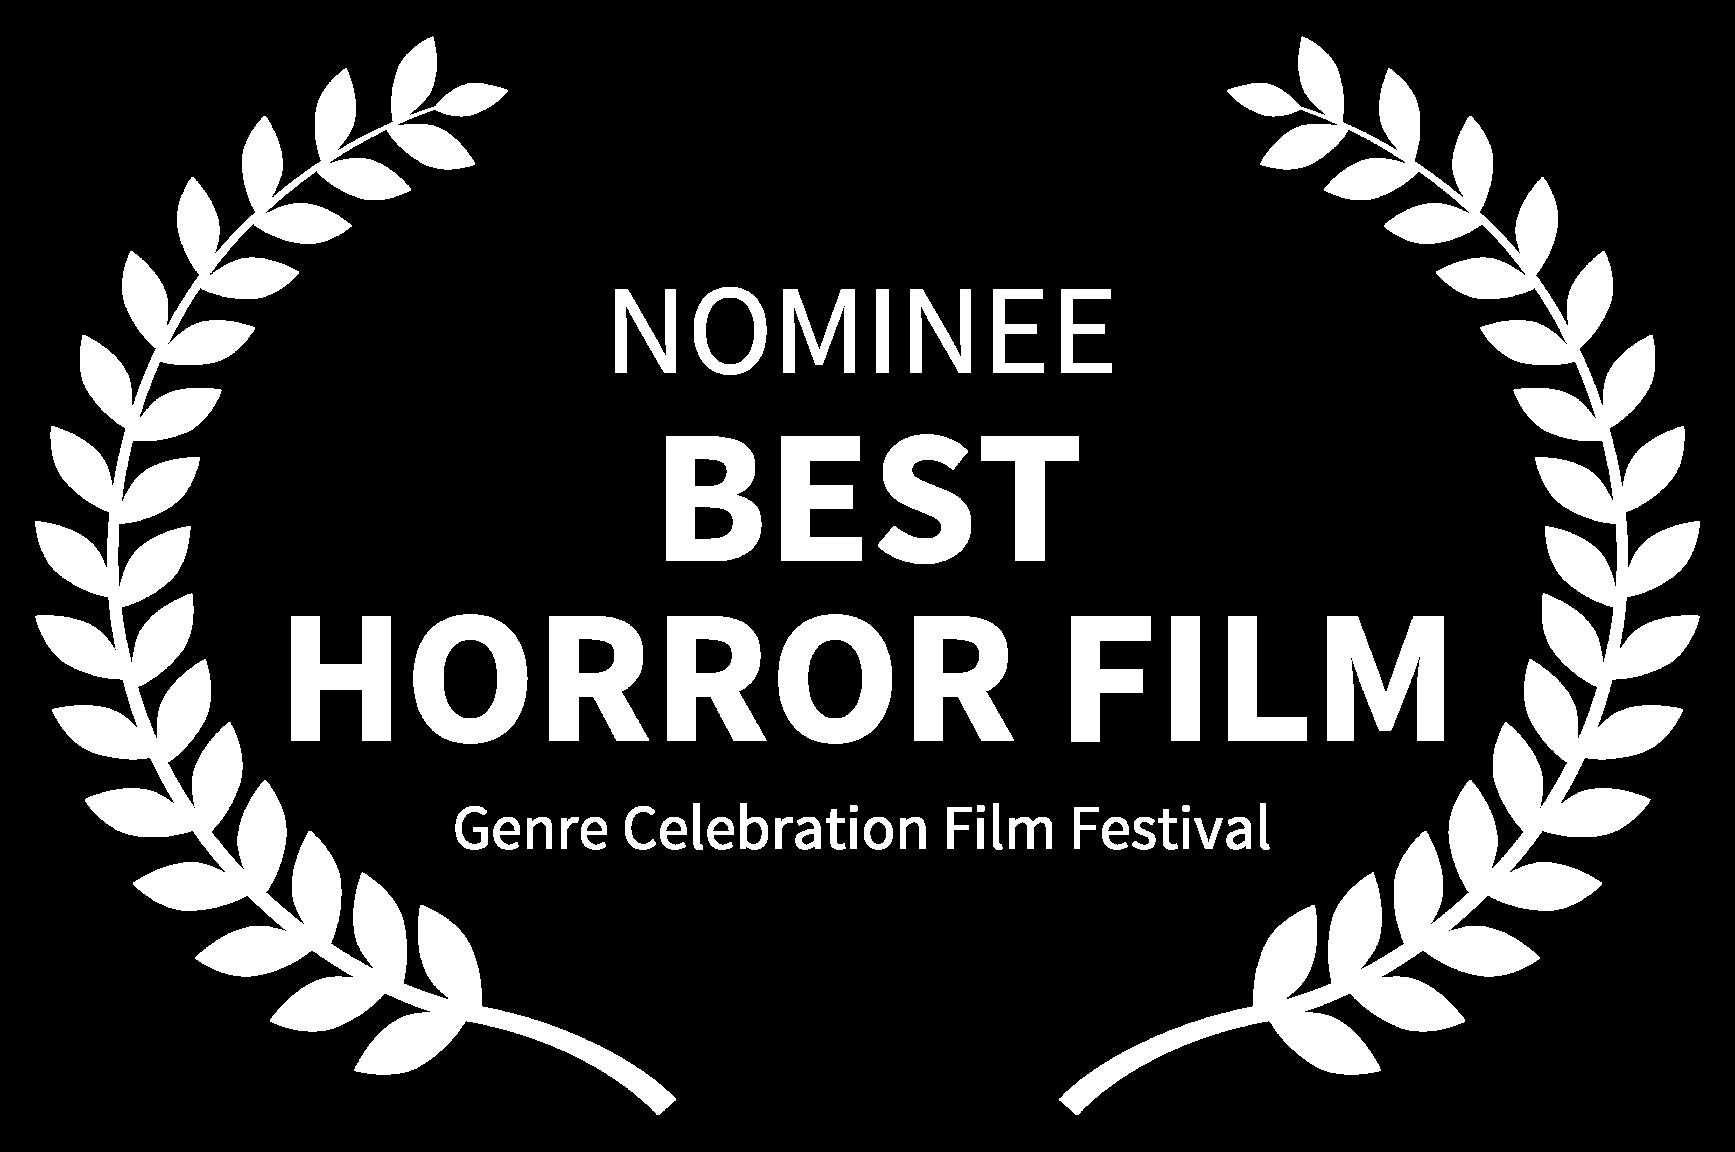 NOMINEE - BEST HORROR FILM - Genre Celebration Film Festival